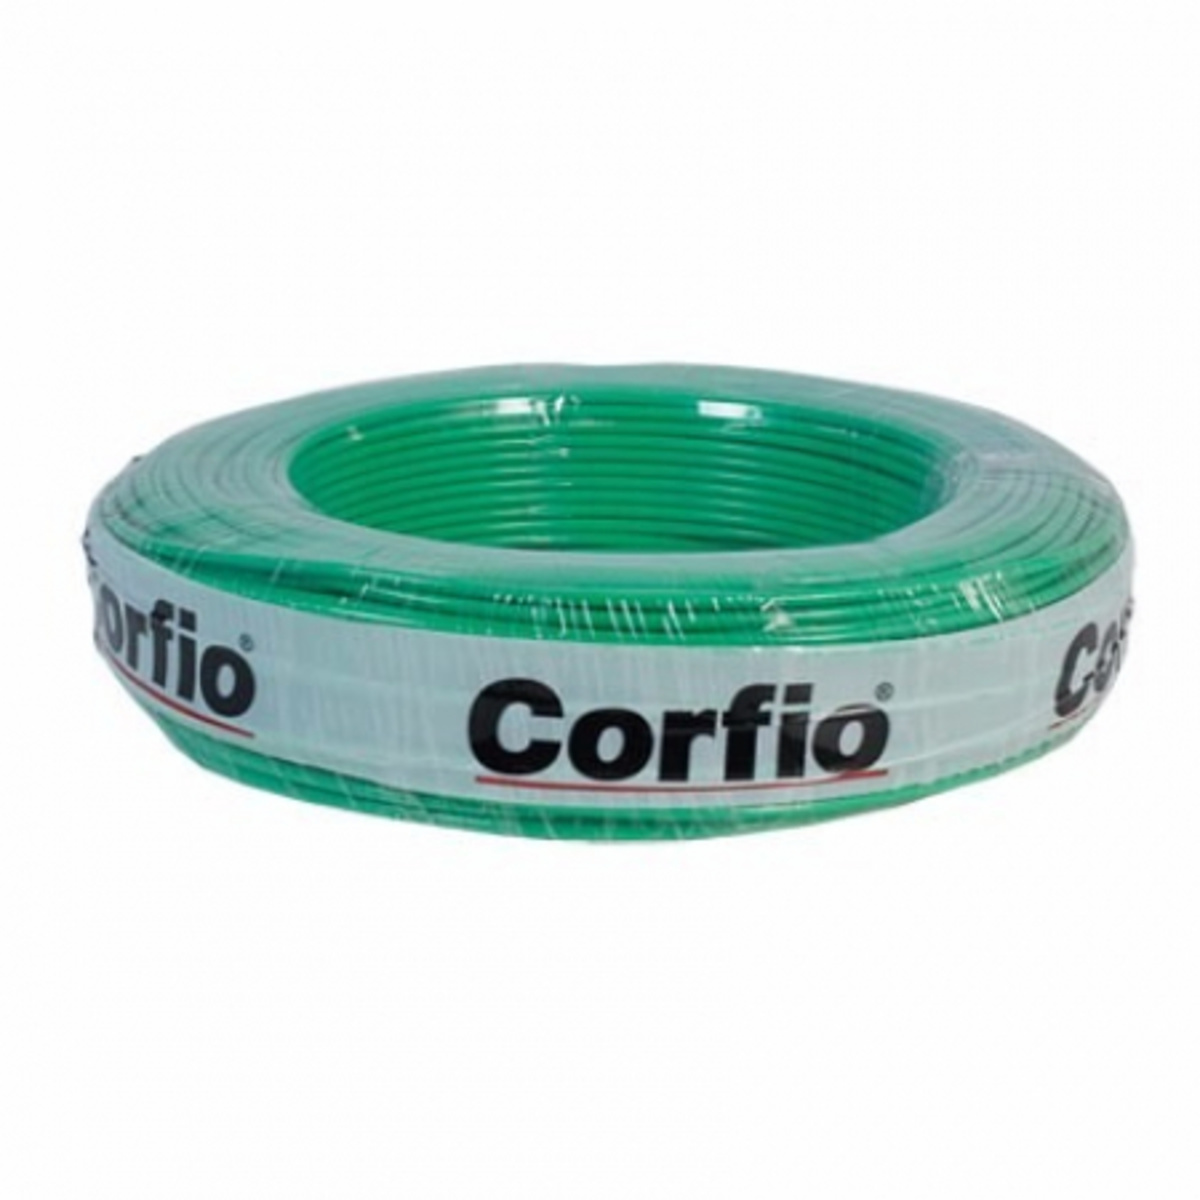 CABO RÍGIDO 10,0mm² 750V VERDE CORFIO